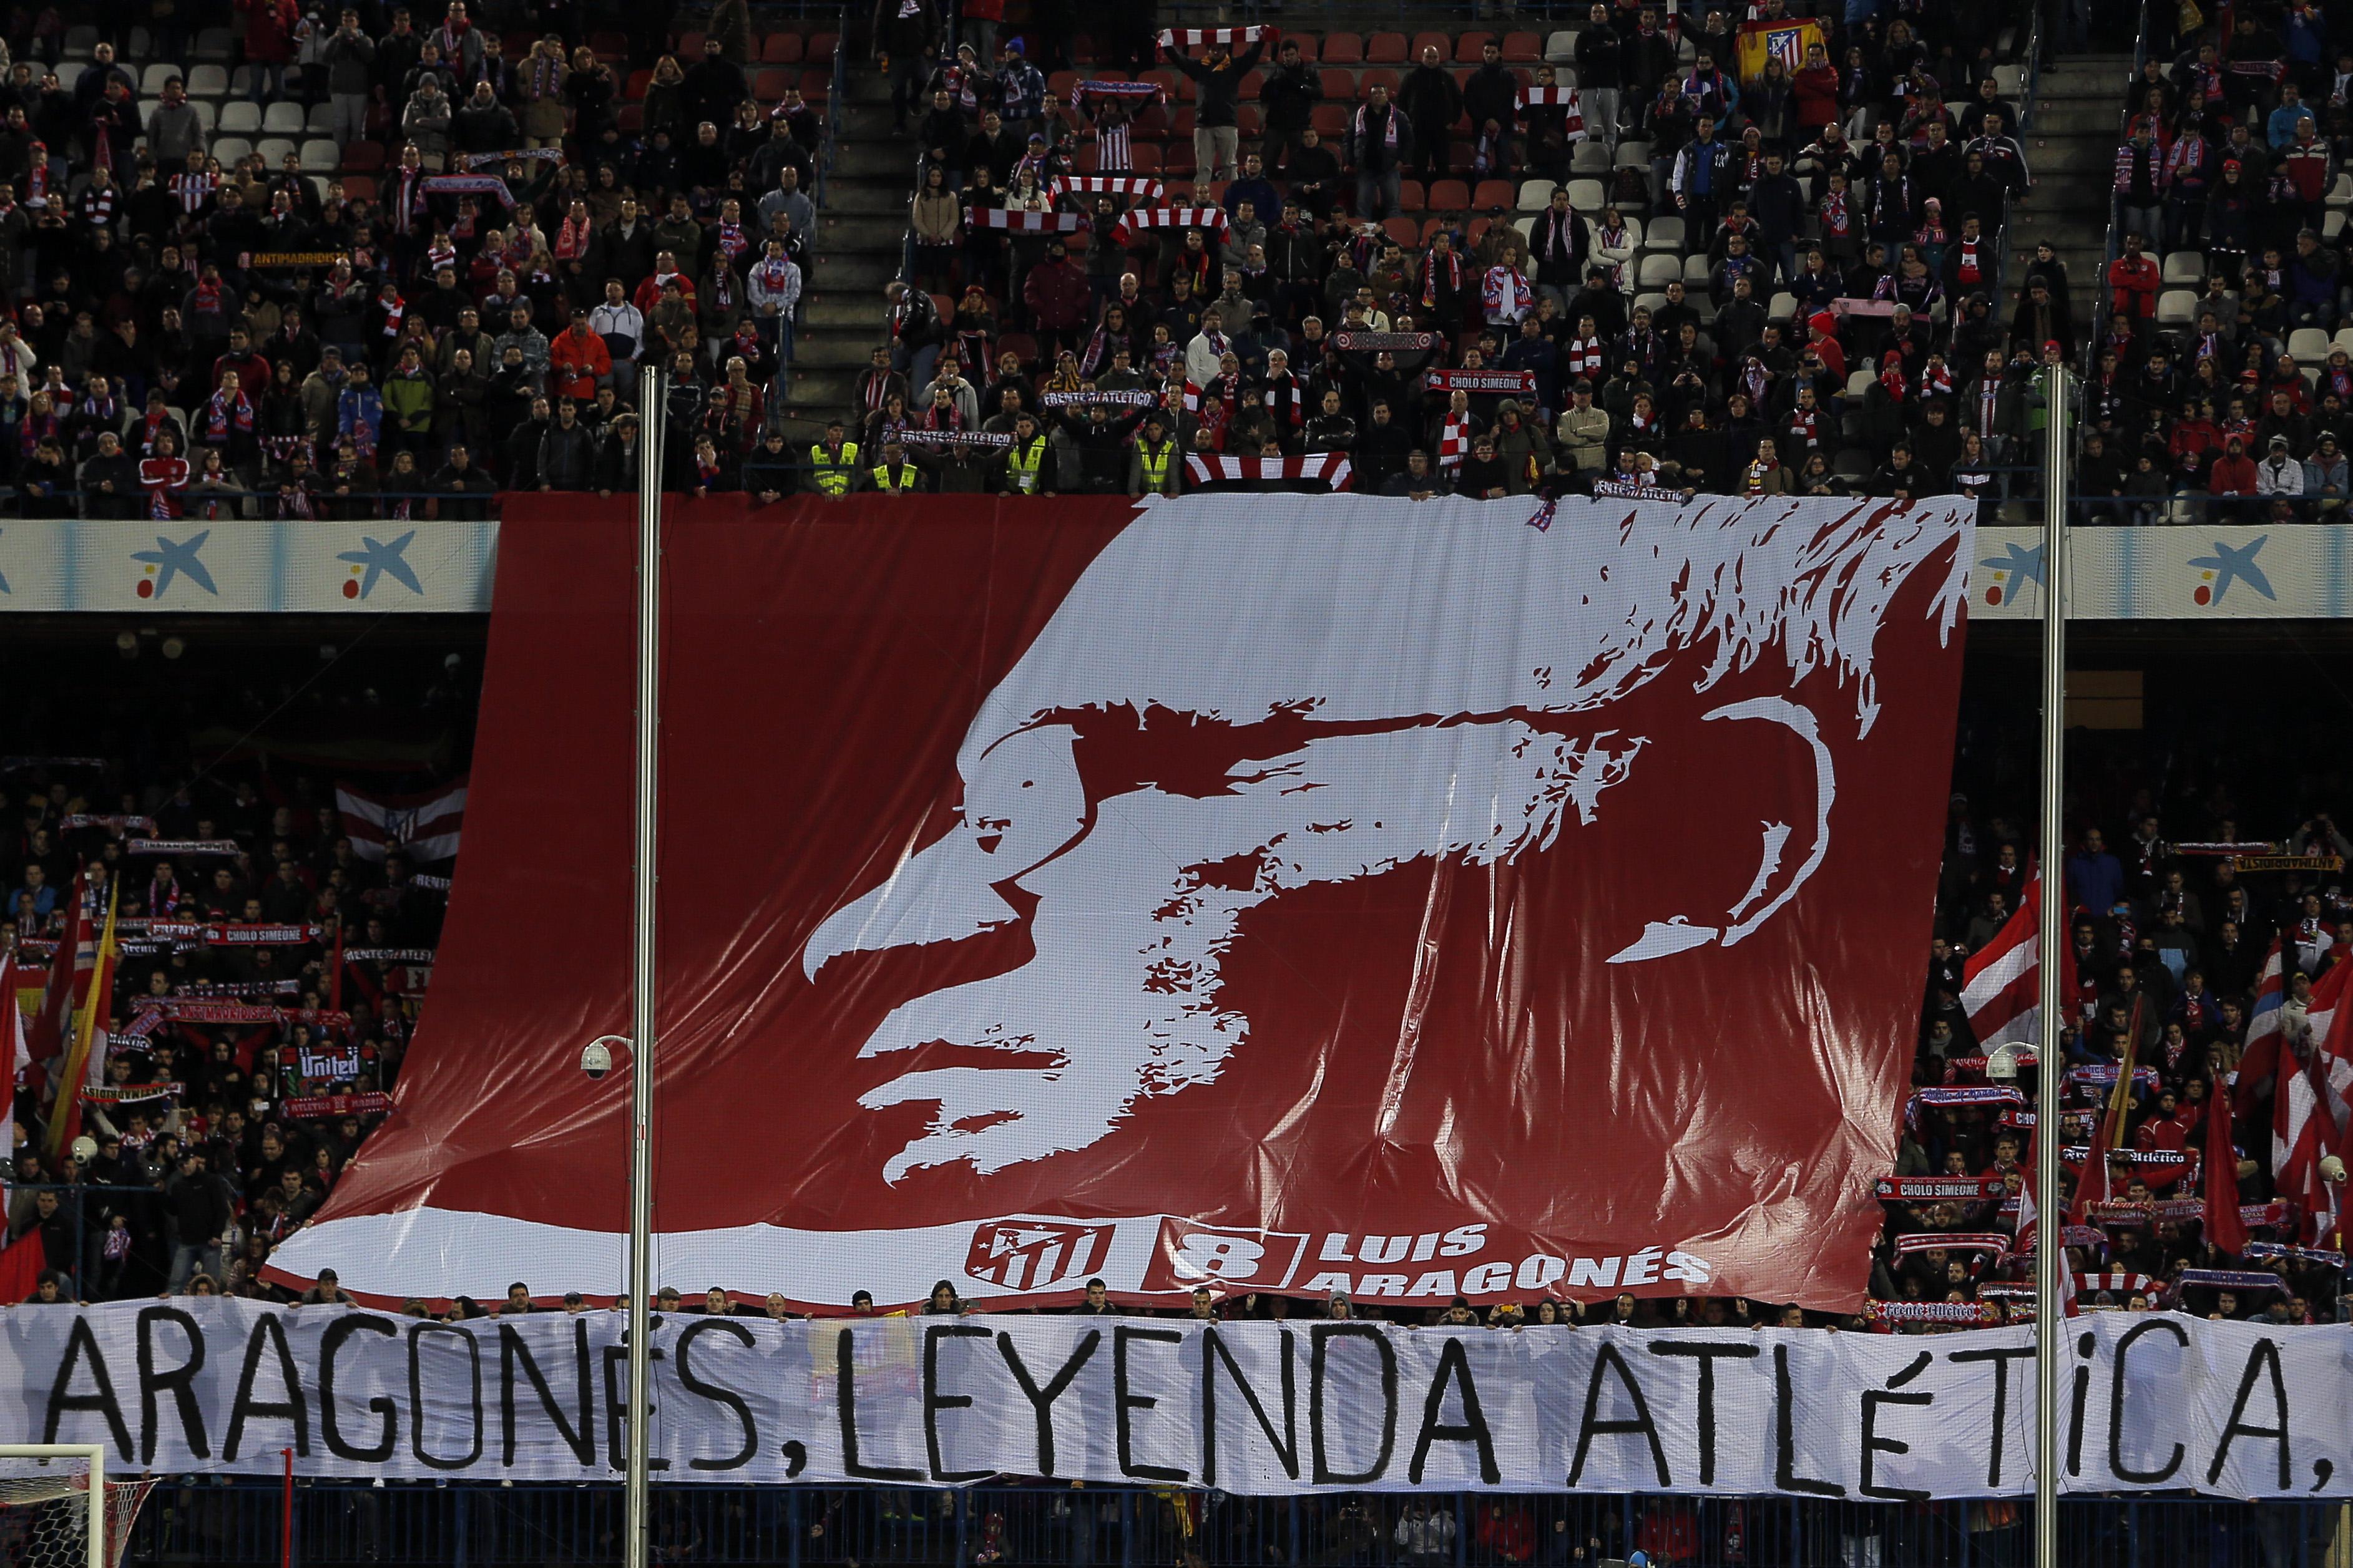 Арагонес - легенда Атлетико